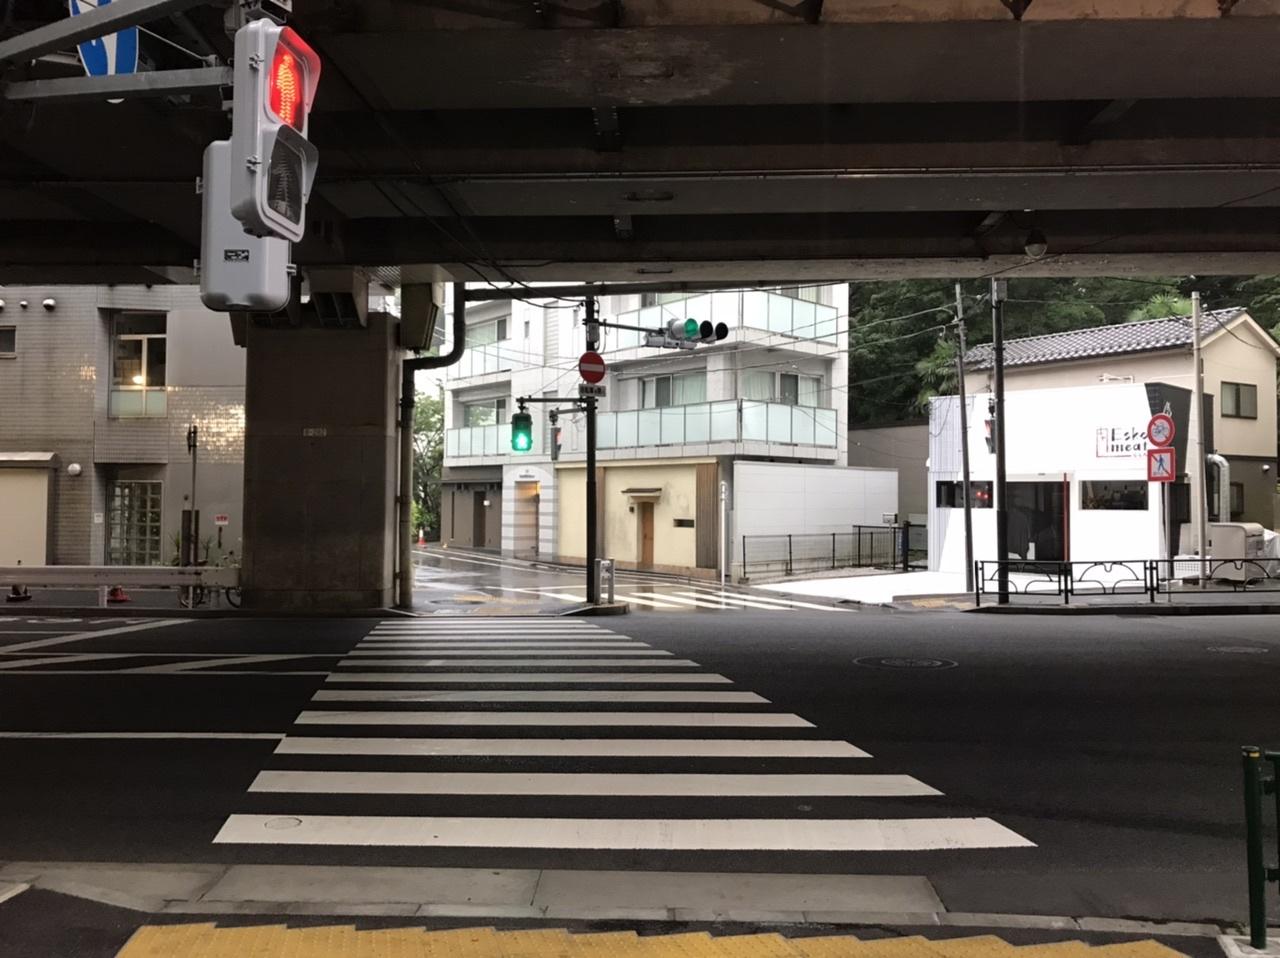 6月21日 ずぶ濡れ_a0317236_11022919.jpeg